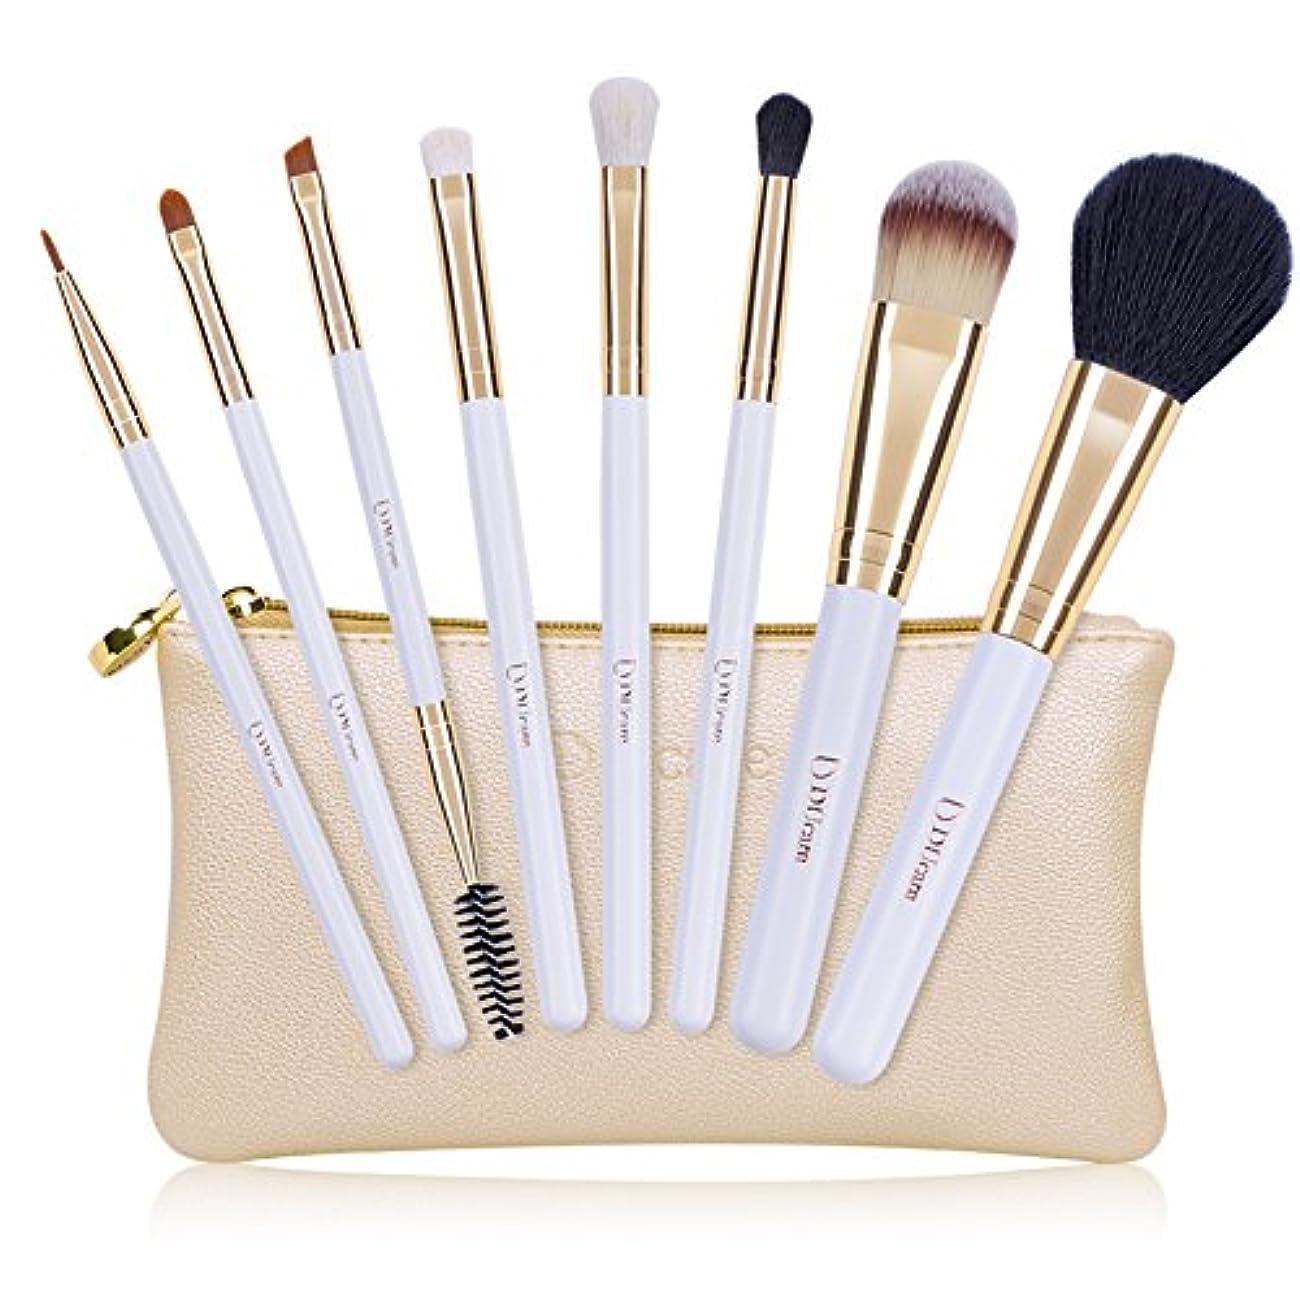 超えて背骨裕福なドゥケア(DUcare) 化粧筆 メイクブラシ 8本セット 白尖峰&高級タクロン使用 ゴールドのレザー風化粧ポーチ付き